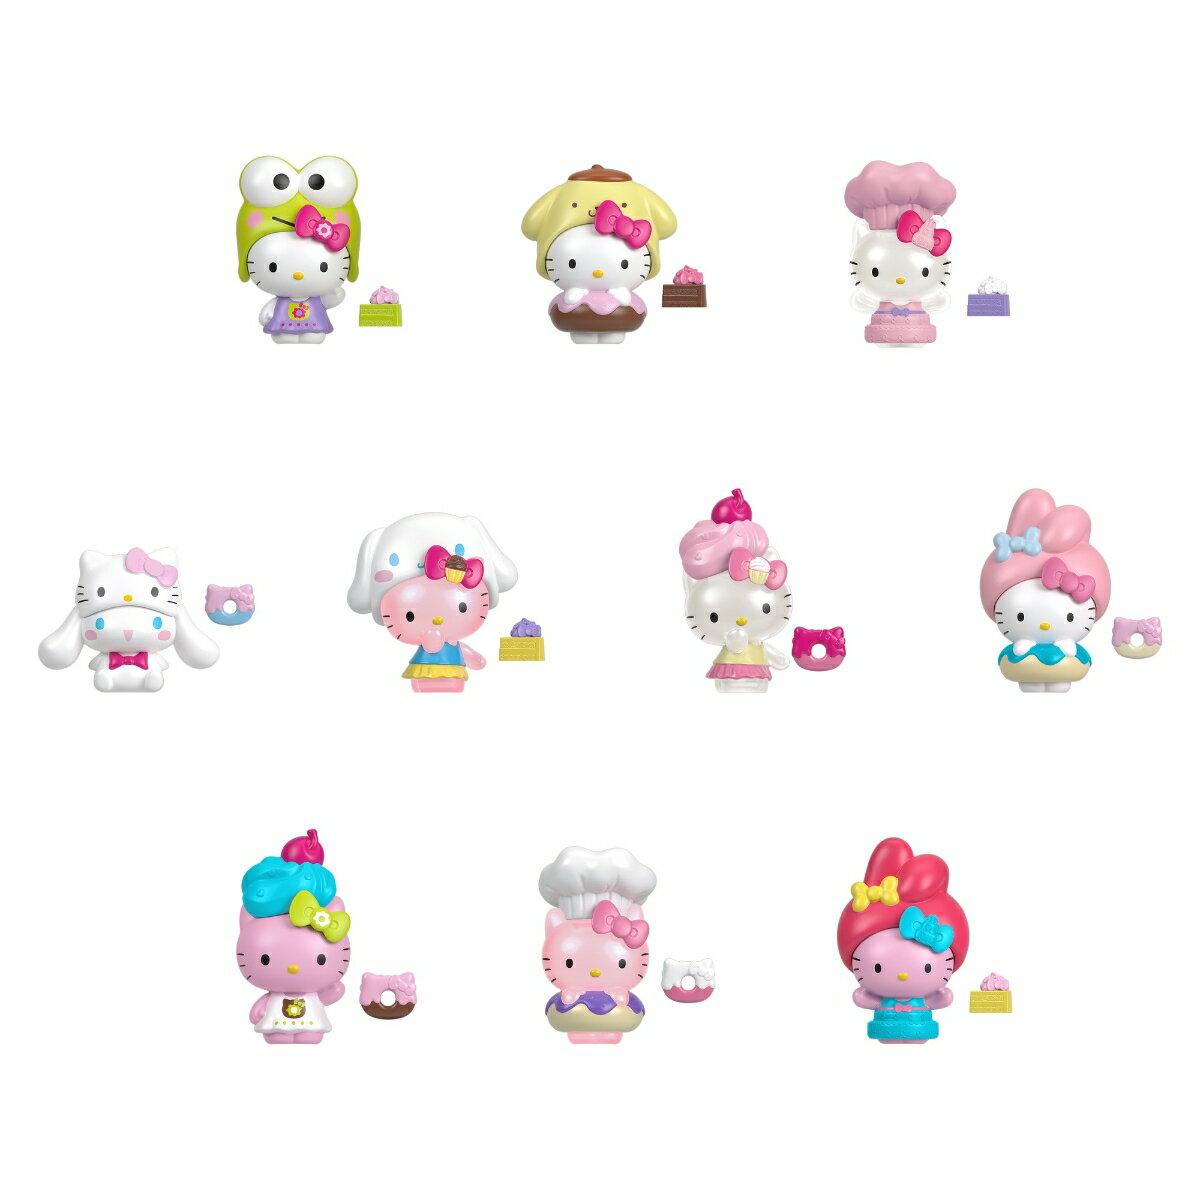 サンリオキャラクターズ(Sanrio)ダブル・ディッパーズ 水デマジック!【16個コンプリートBOX】 GTY62-BOX